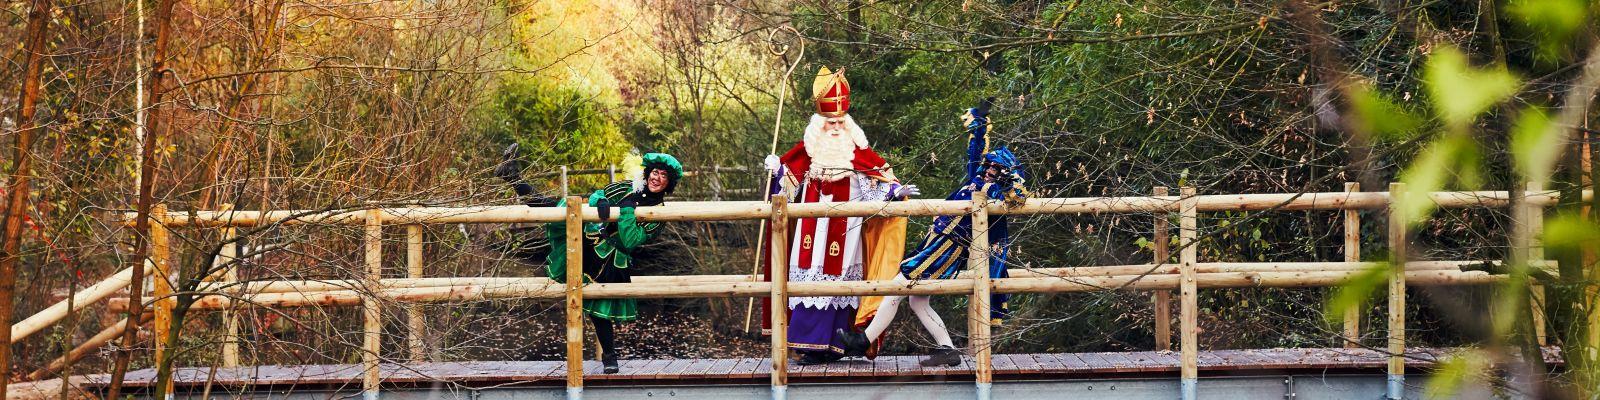 Sinterklaas brug